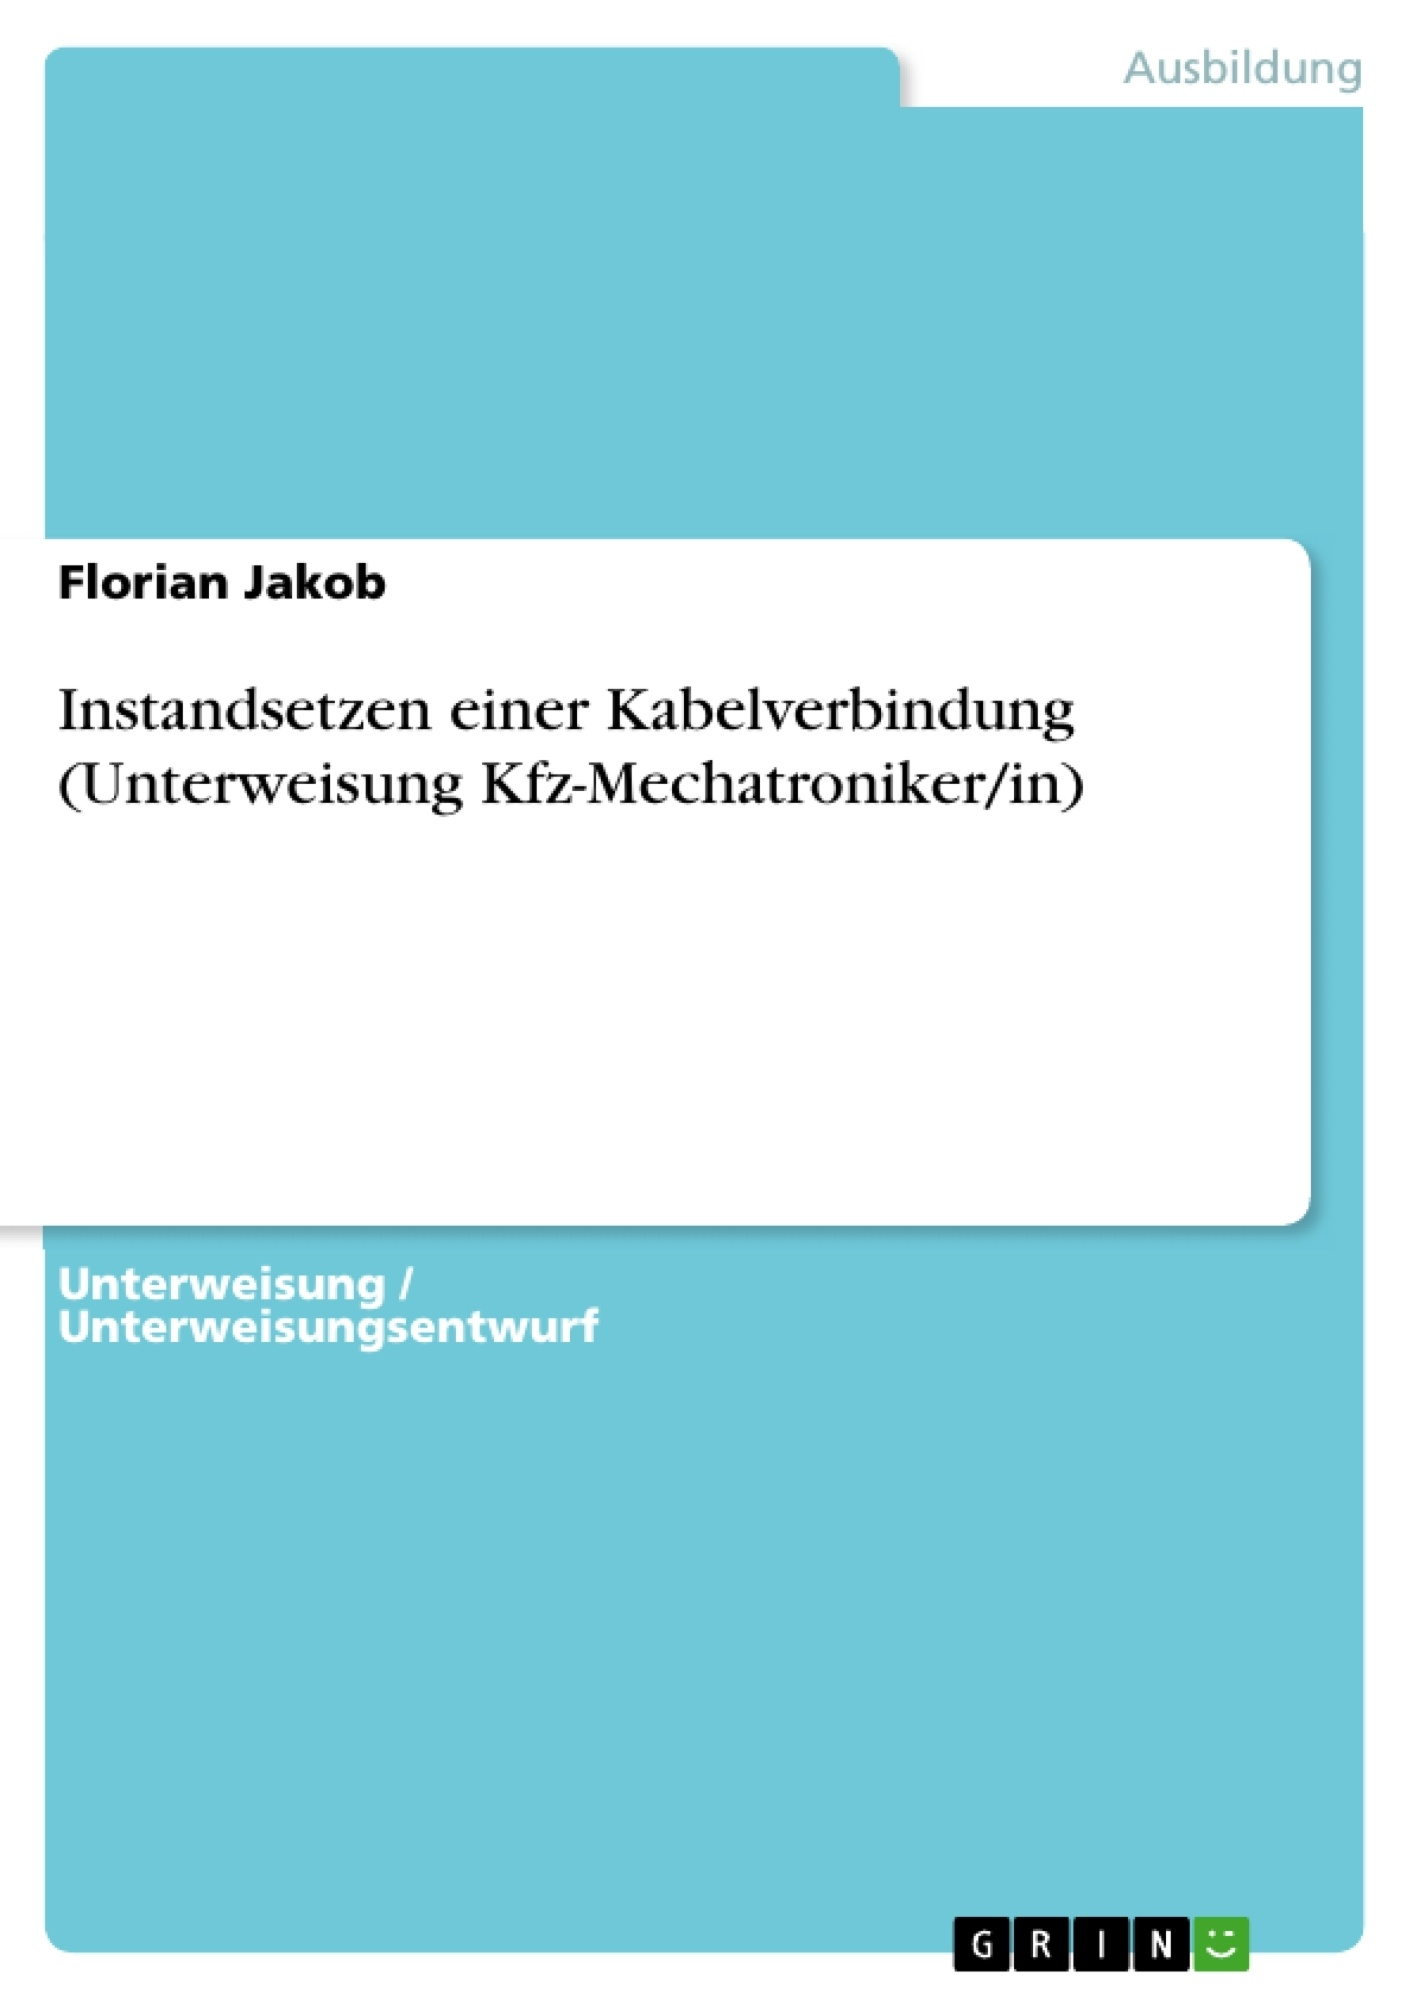 Titel: Instandsetzen einer Kabelverbindung (Unterweisung Kfz-Mechatroniker/in)